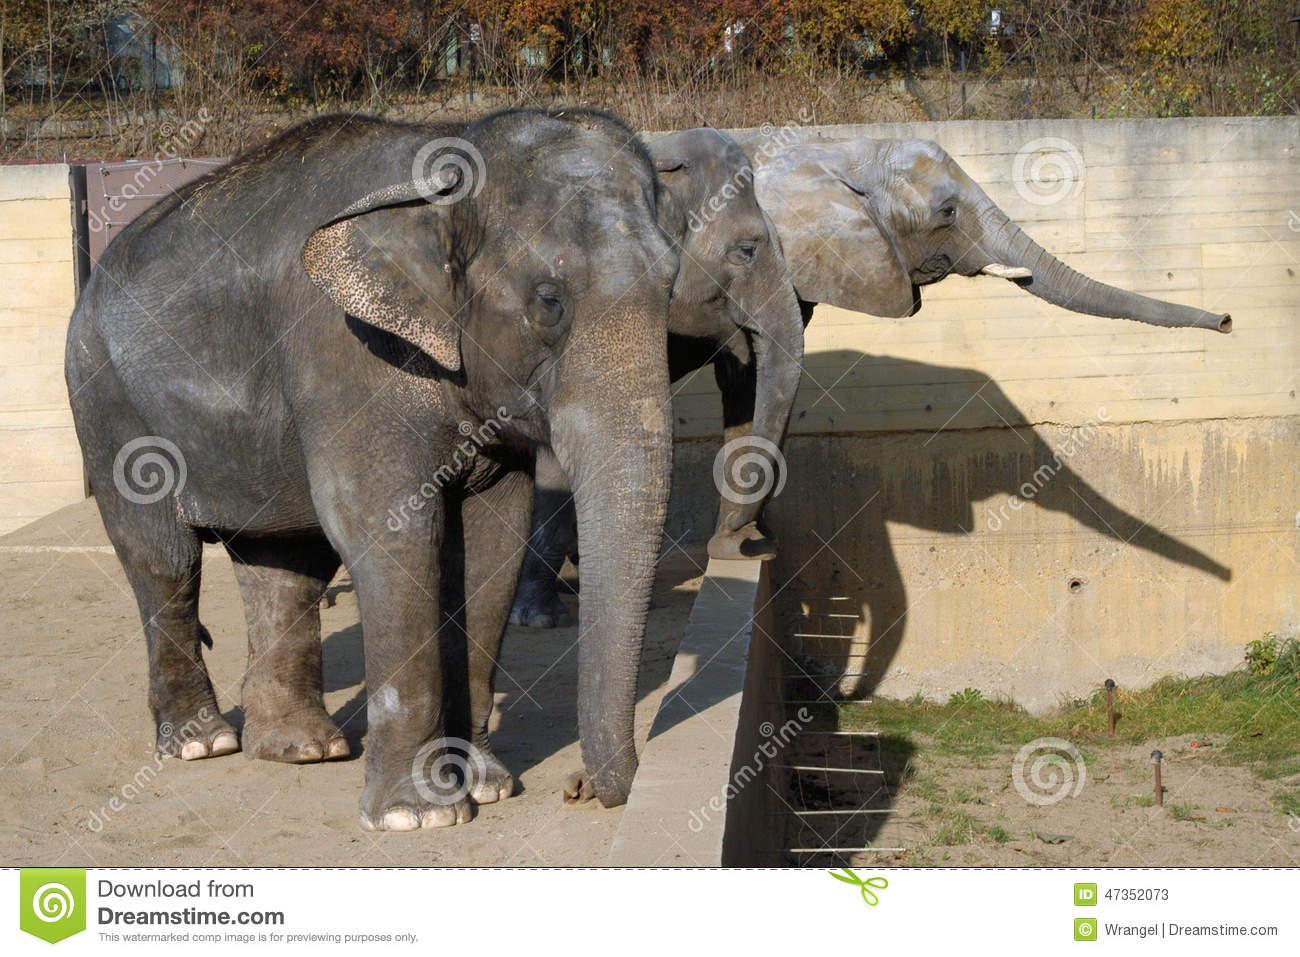 Afrikanischer Elefant Und Indische Elefanten Stockbild ganzes Indische Und Afrikanische Elefanten